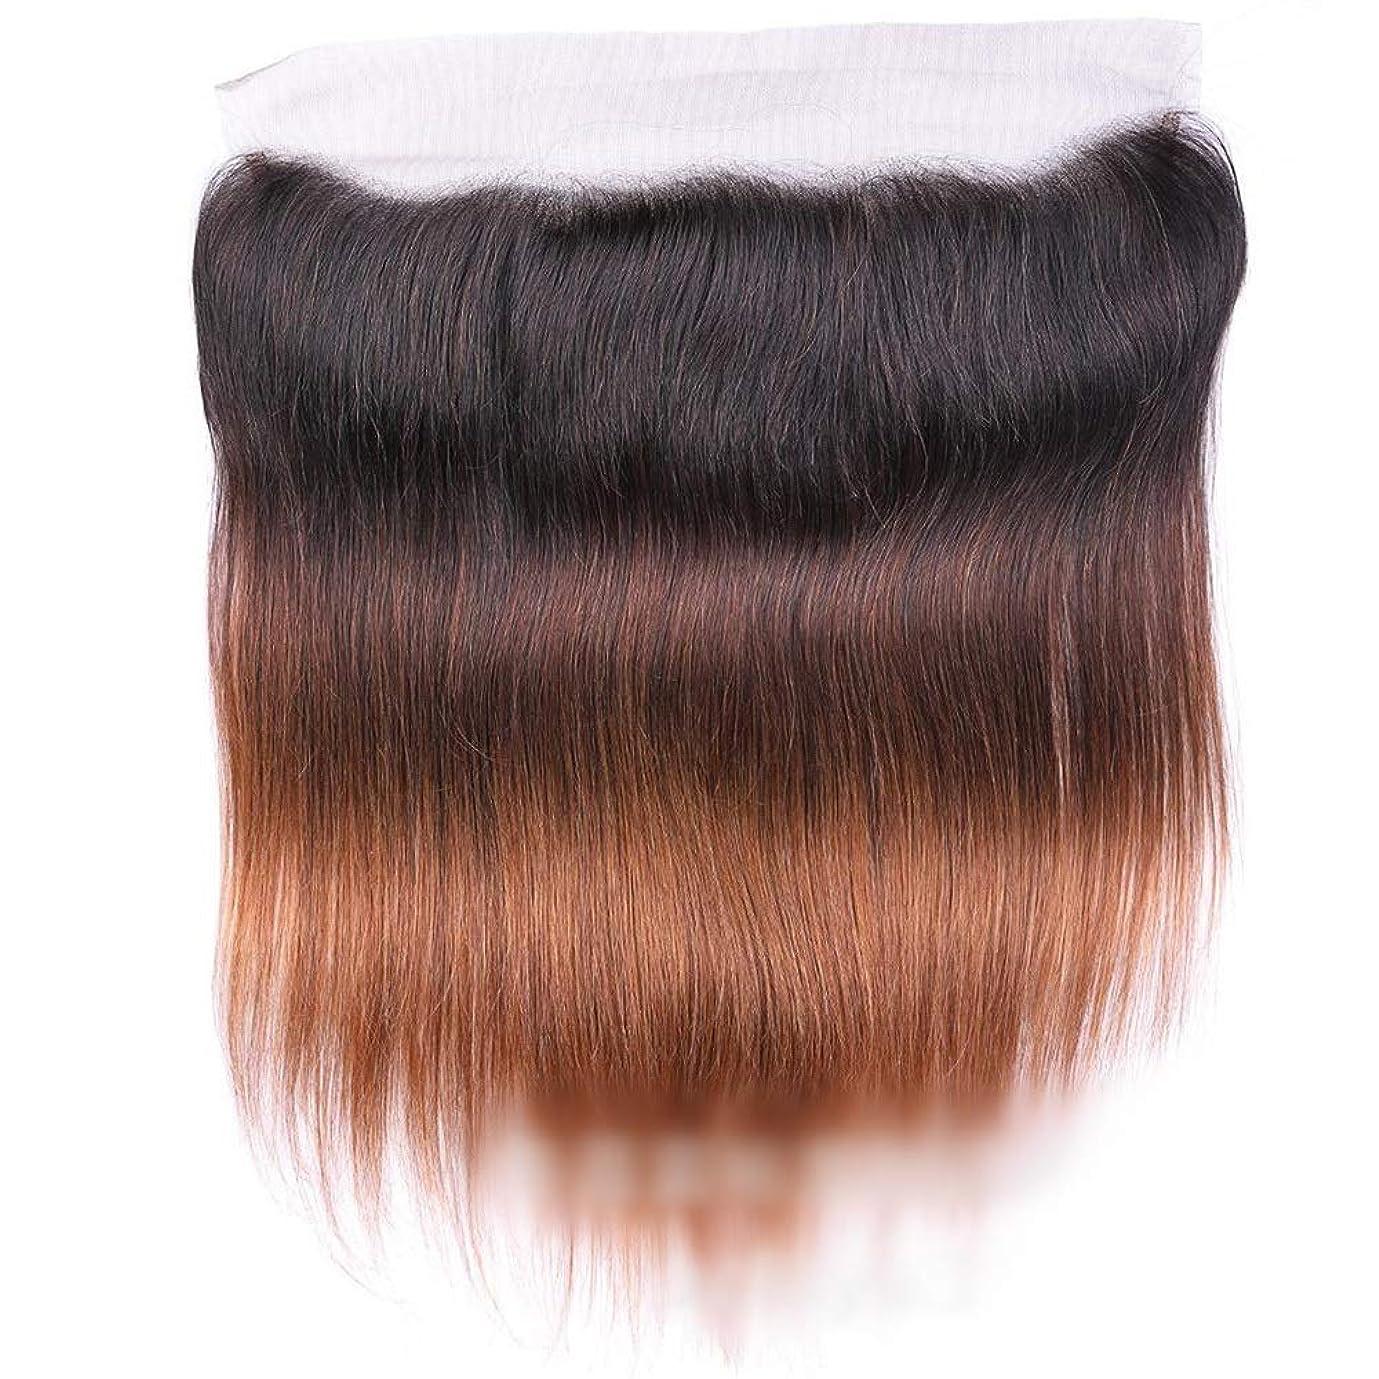 請求可能連続した実り多いVergeania オンブルブラジルバージンヘアストレートレース閉鎖人間の髪の毛1B / 4/30 3トーンカラー(8インチ18インチ)ロングストレートヘアウィッグ (Color : ブラウン, サイズ : 18 inch)